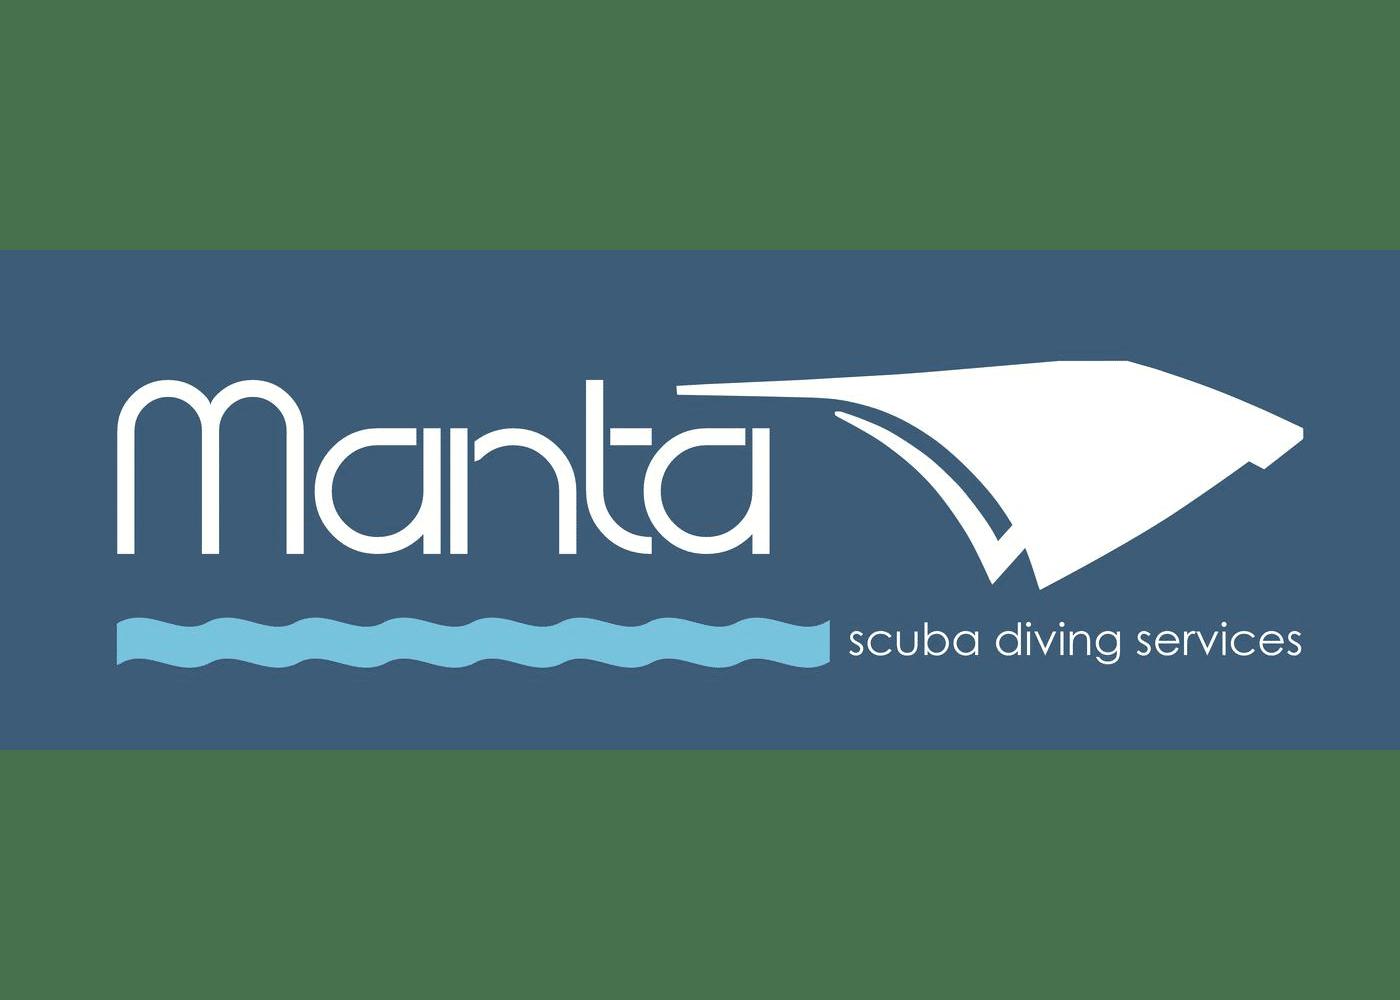 Manta Scuba Diving Services